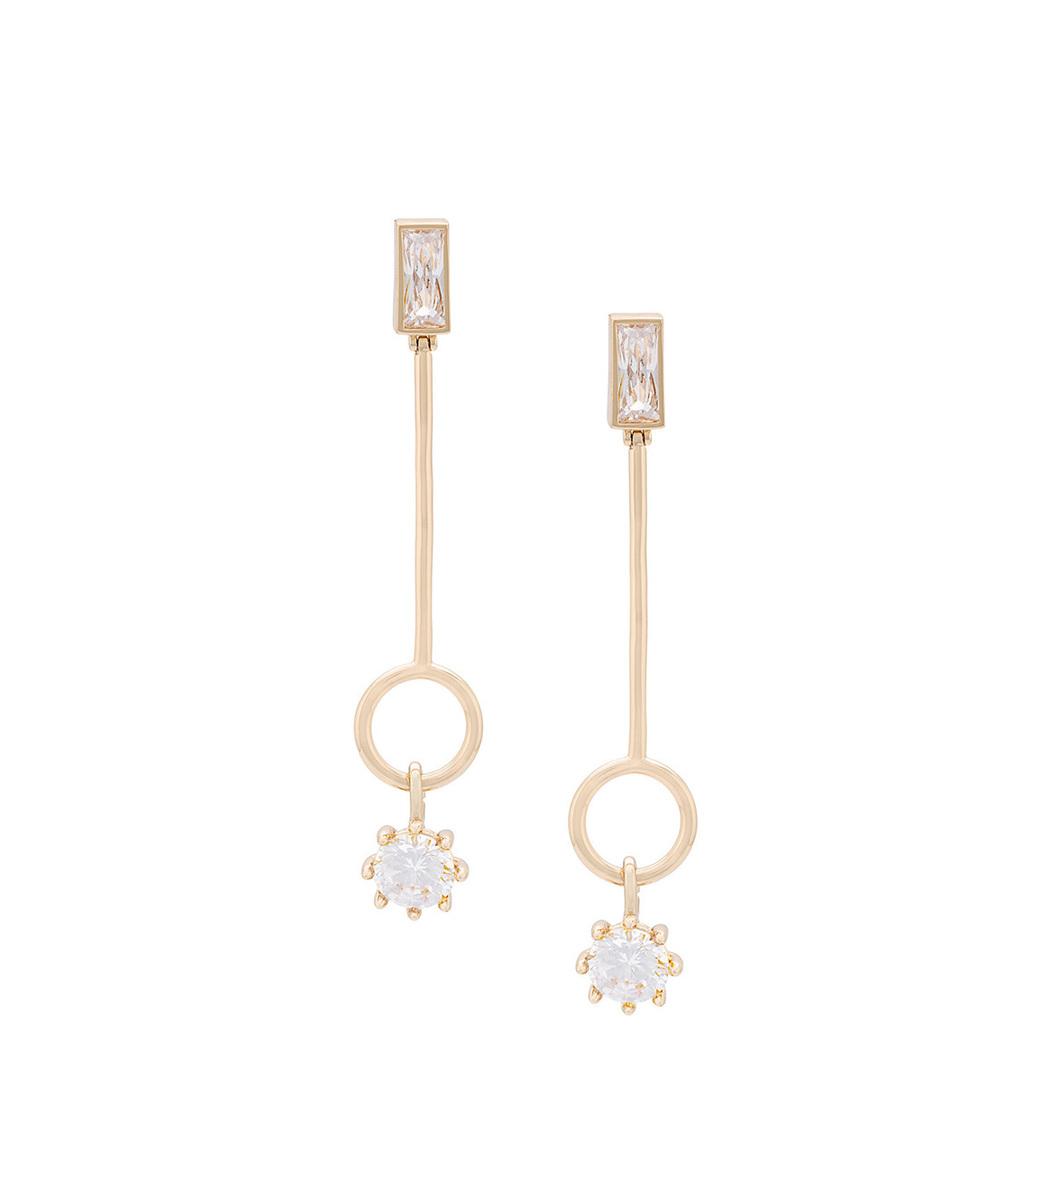 Eddie Borgo Gold Baguette Estate Line Earrings